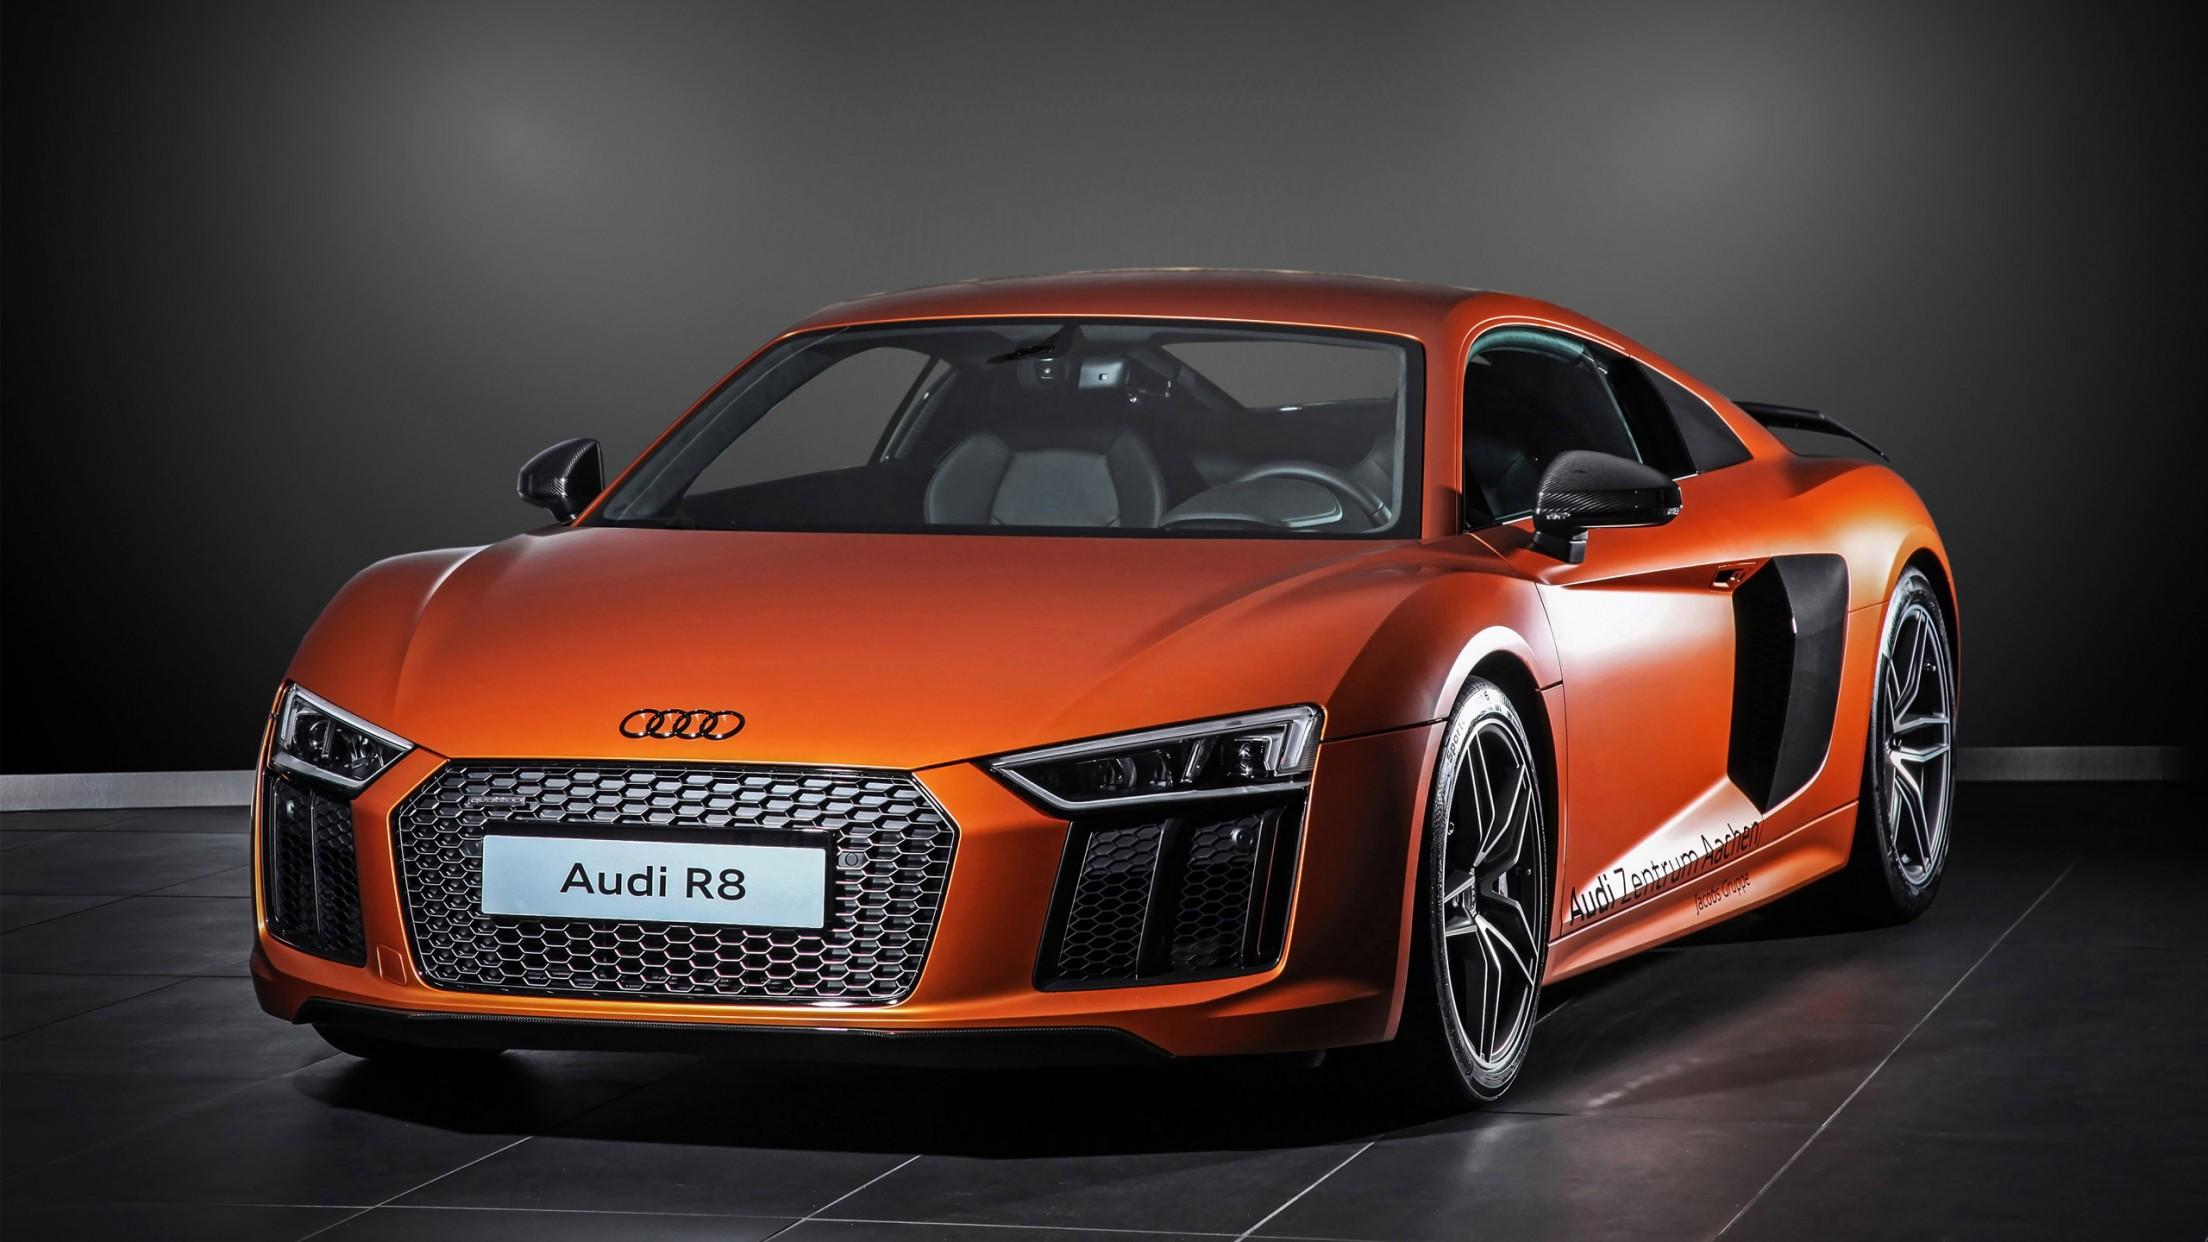 Audi R8 E Tron Wallpaper